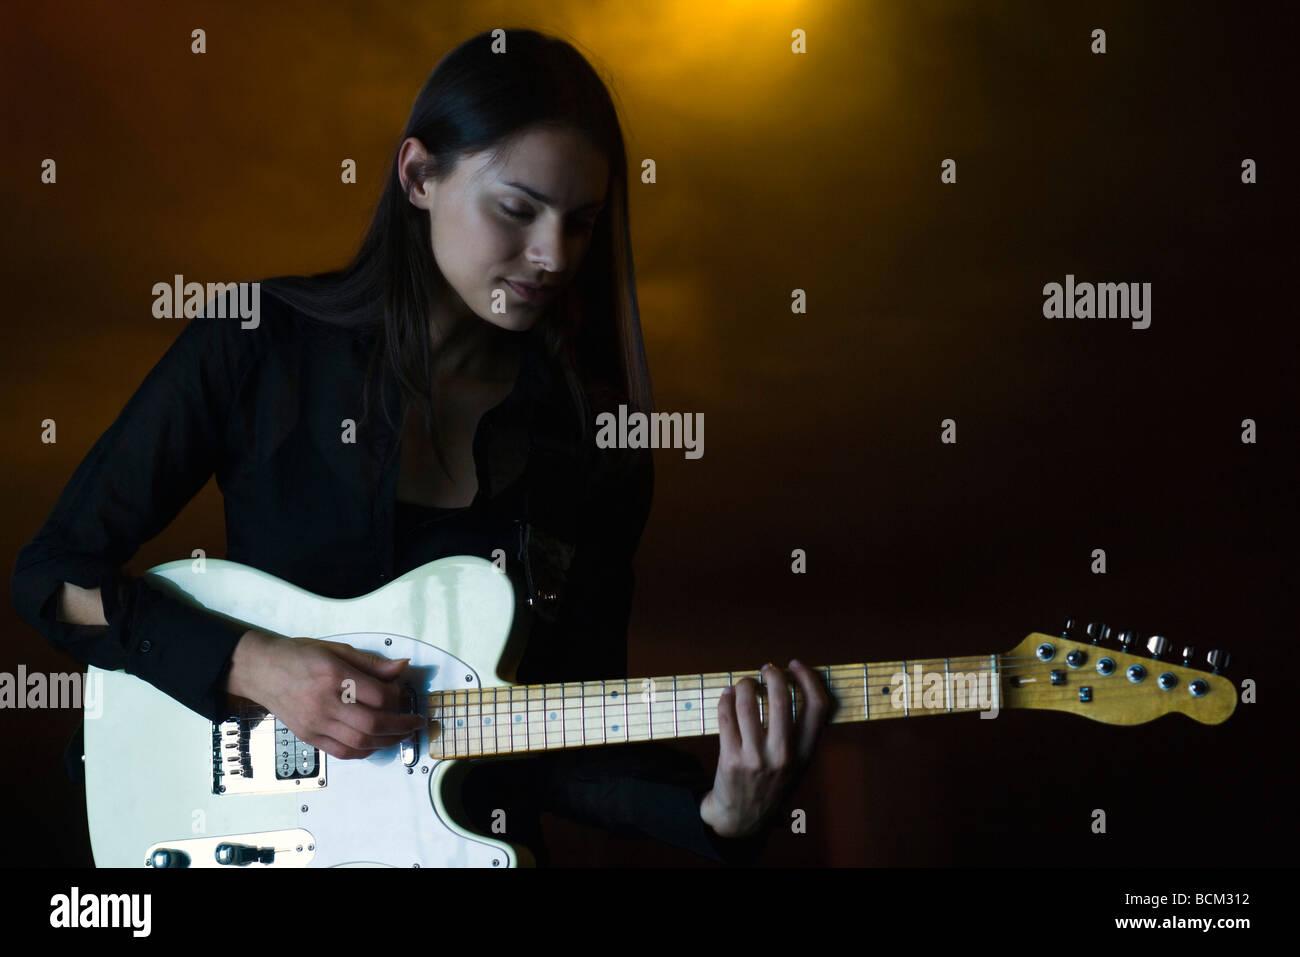 Femme jouant de la guitare électrique dans une boîte de nuit, les yeux fermés Photo Stock